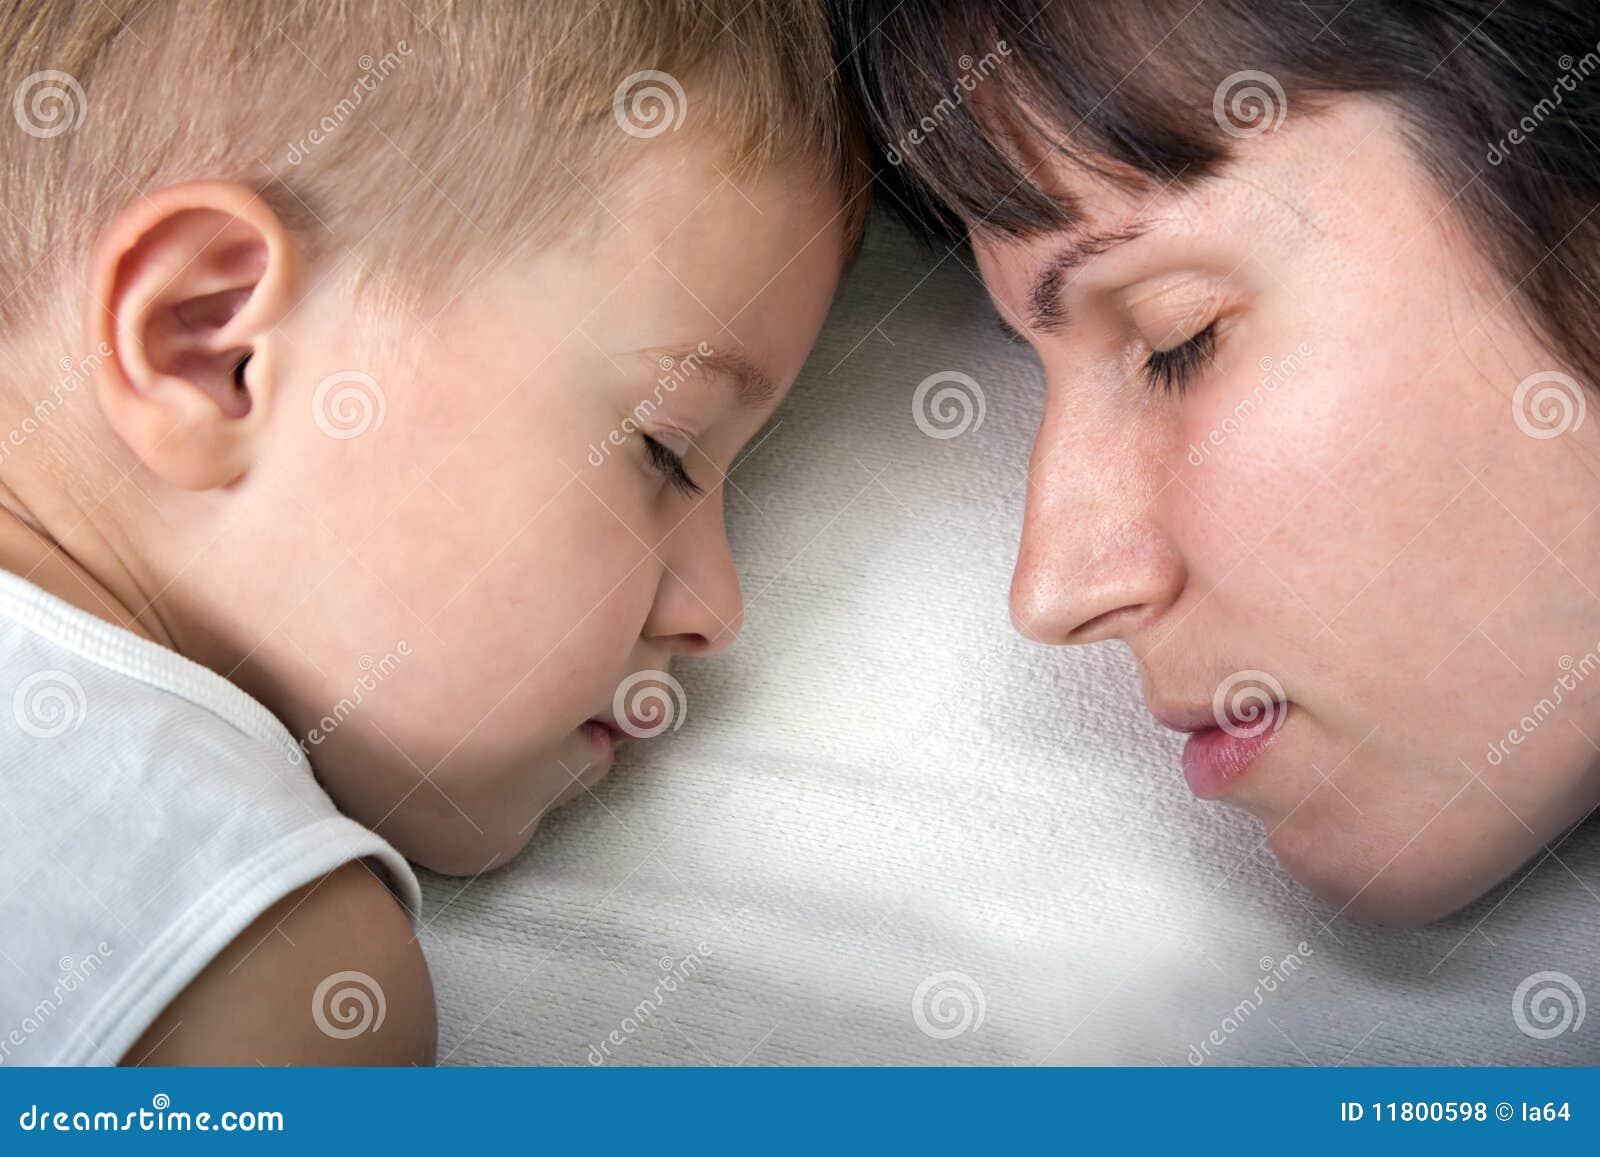 Спящая и сын 25 фотография